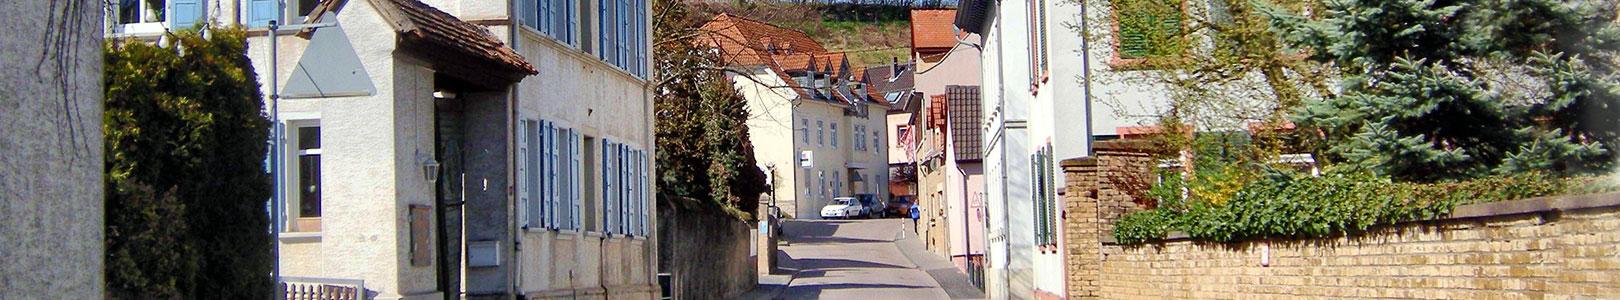 Unser Dorf - Ortsportrait